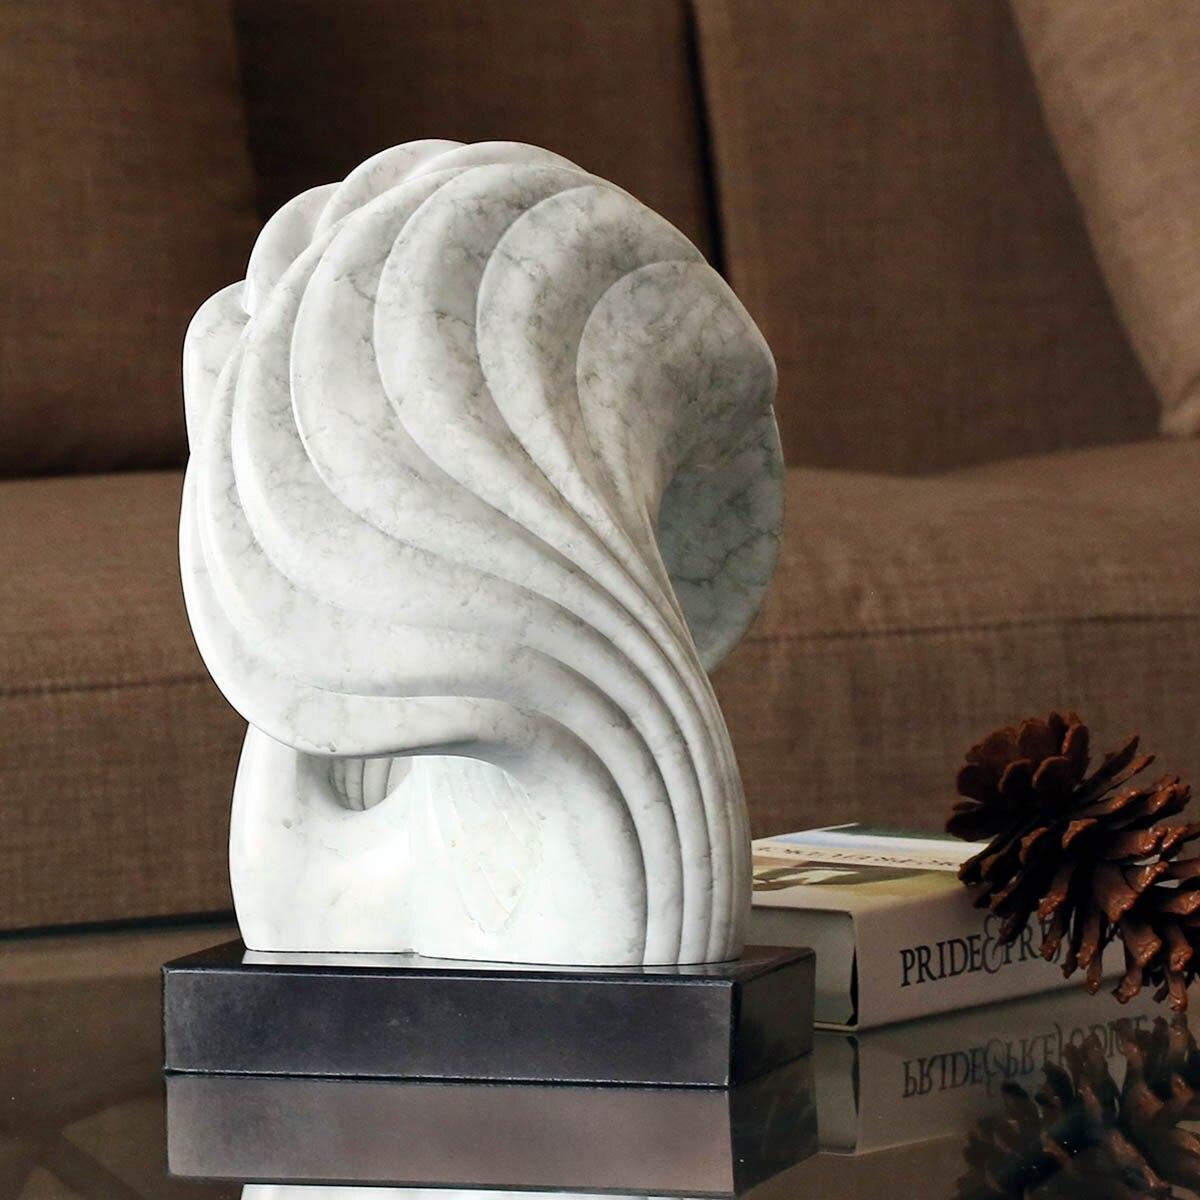 Sottile Decorativo Scultura Borsette con Base In Marmo Convolute Linee di Marmo Texture Sensazione Superficie Astratta Statuetta In Resina Decor